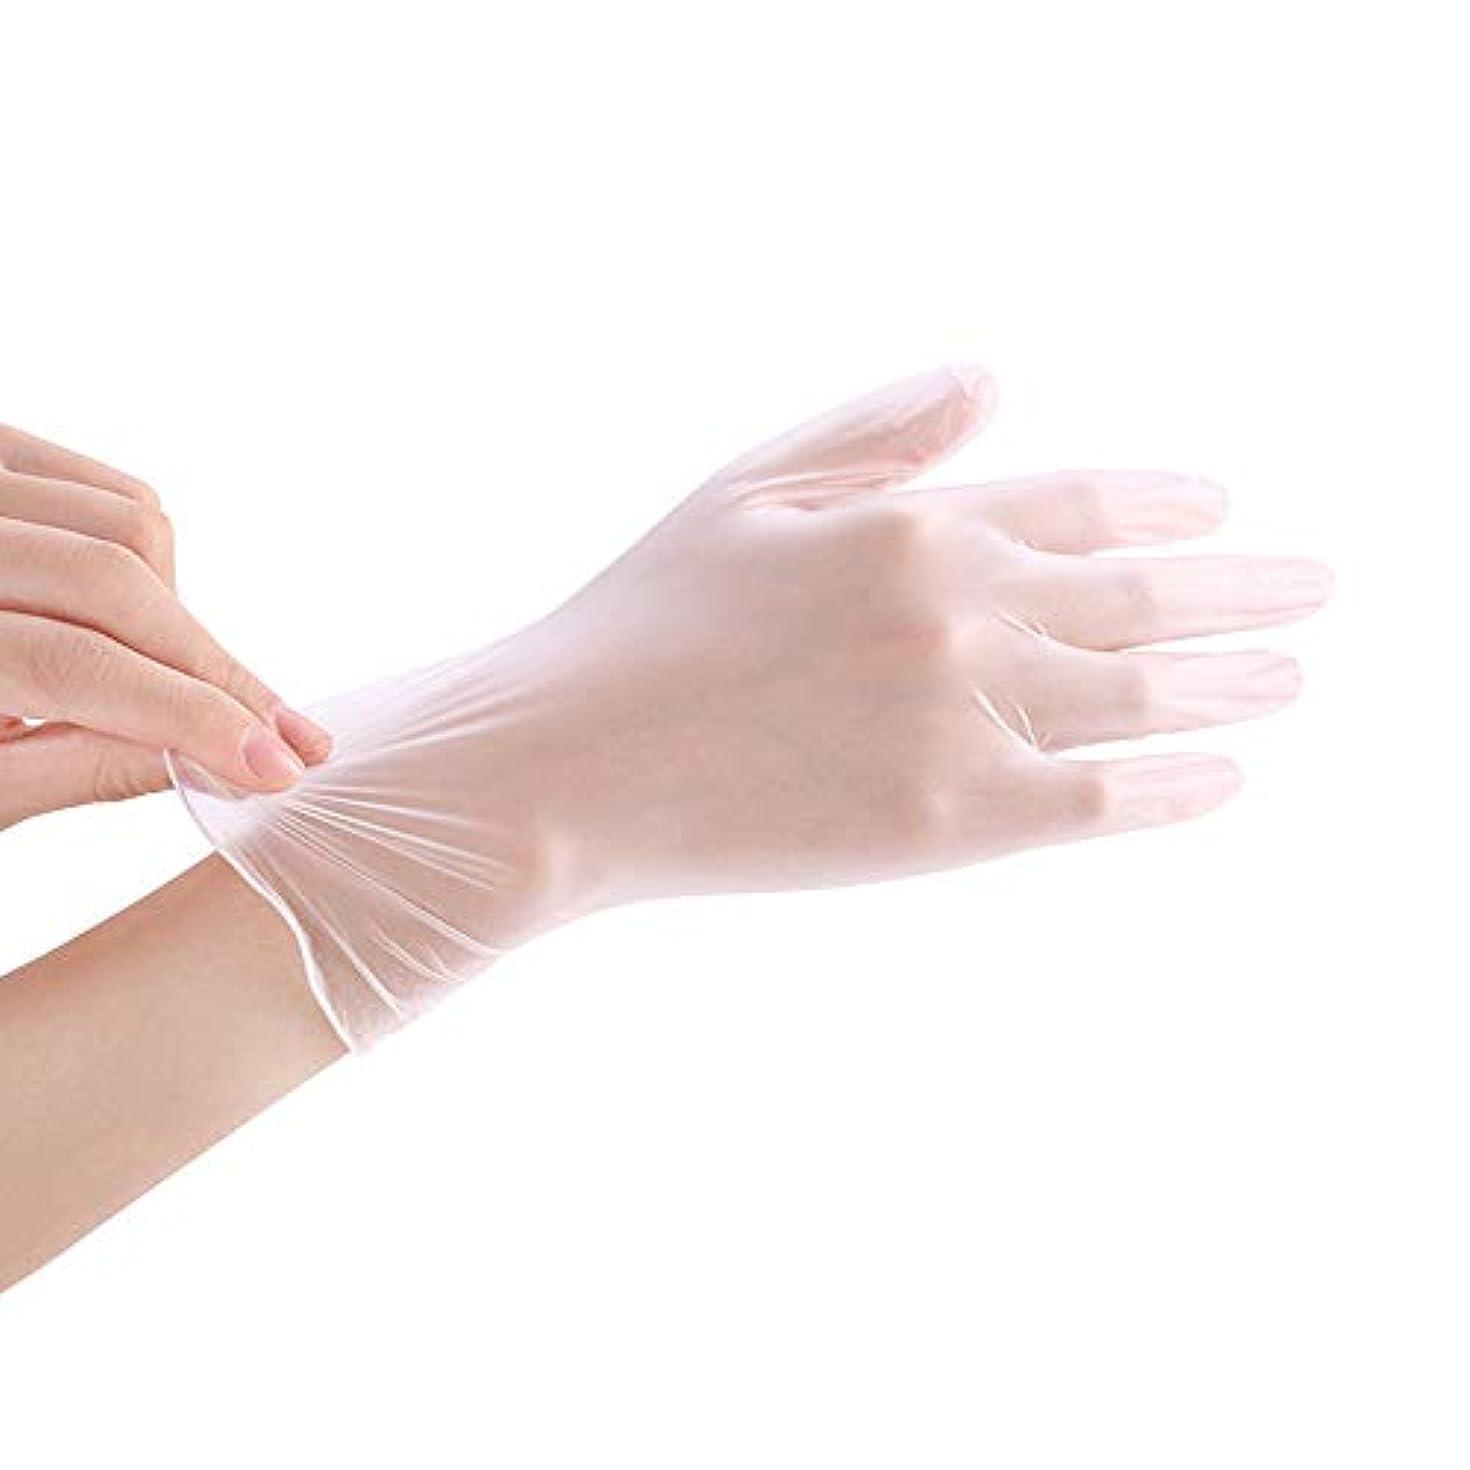 損失浅いピースOrange Cat【100枚入り】 ビニール 使い捨て 手袋 極薄 透明 キッチン 美容 ベーキング 左右兼用 PVC製